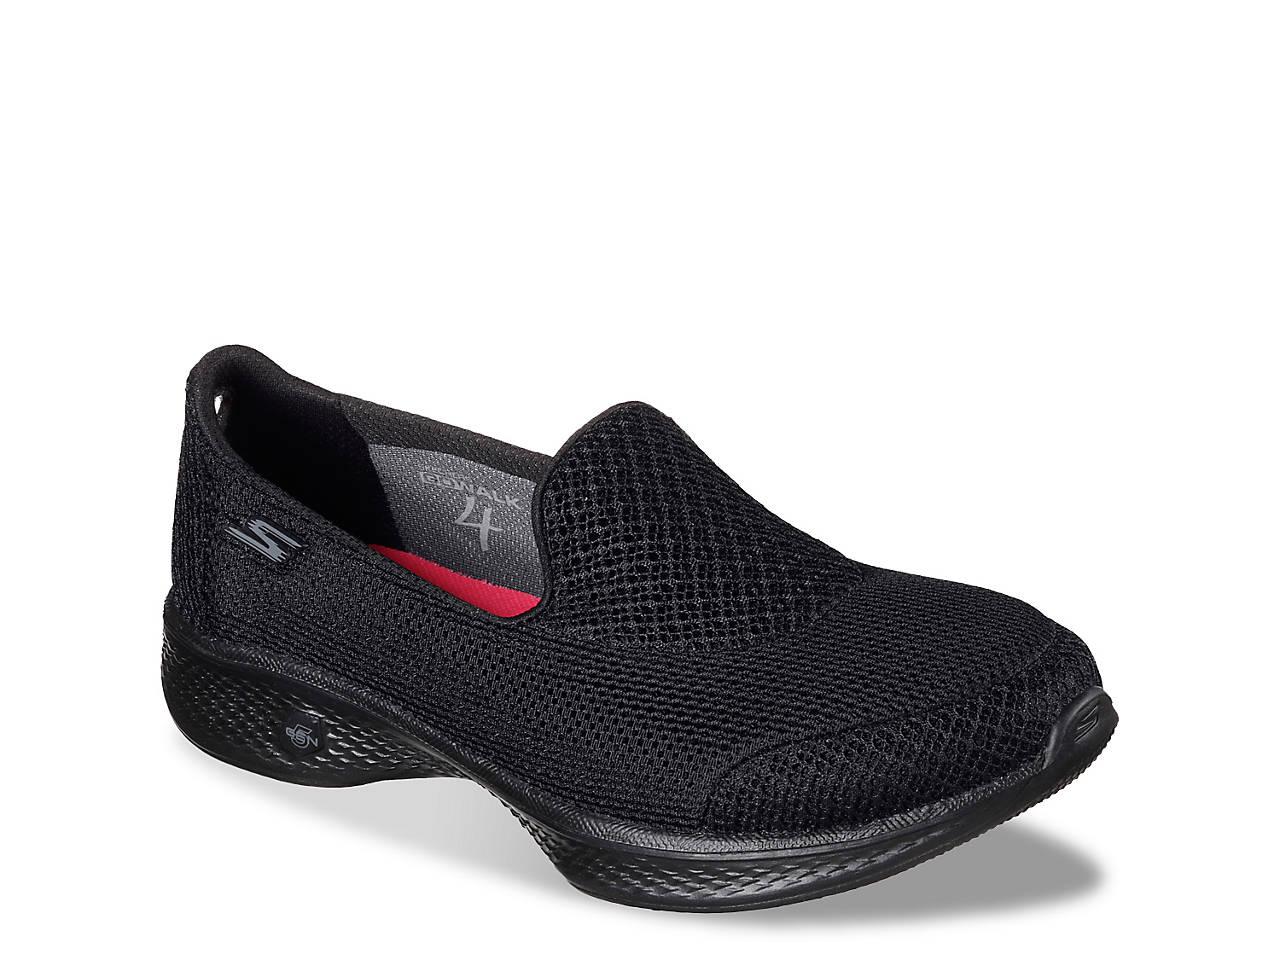 32e929e37707 Skechers GOwalk 4 Propel Slip-On Sneaker Women's Shoes | DSW